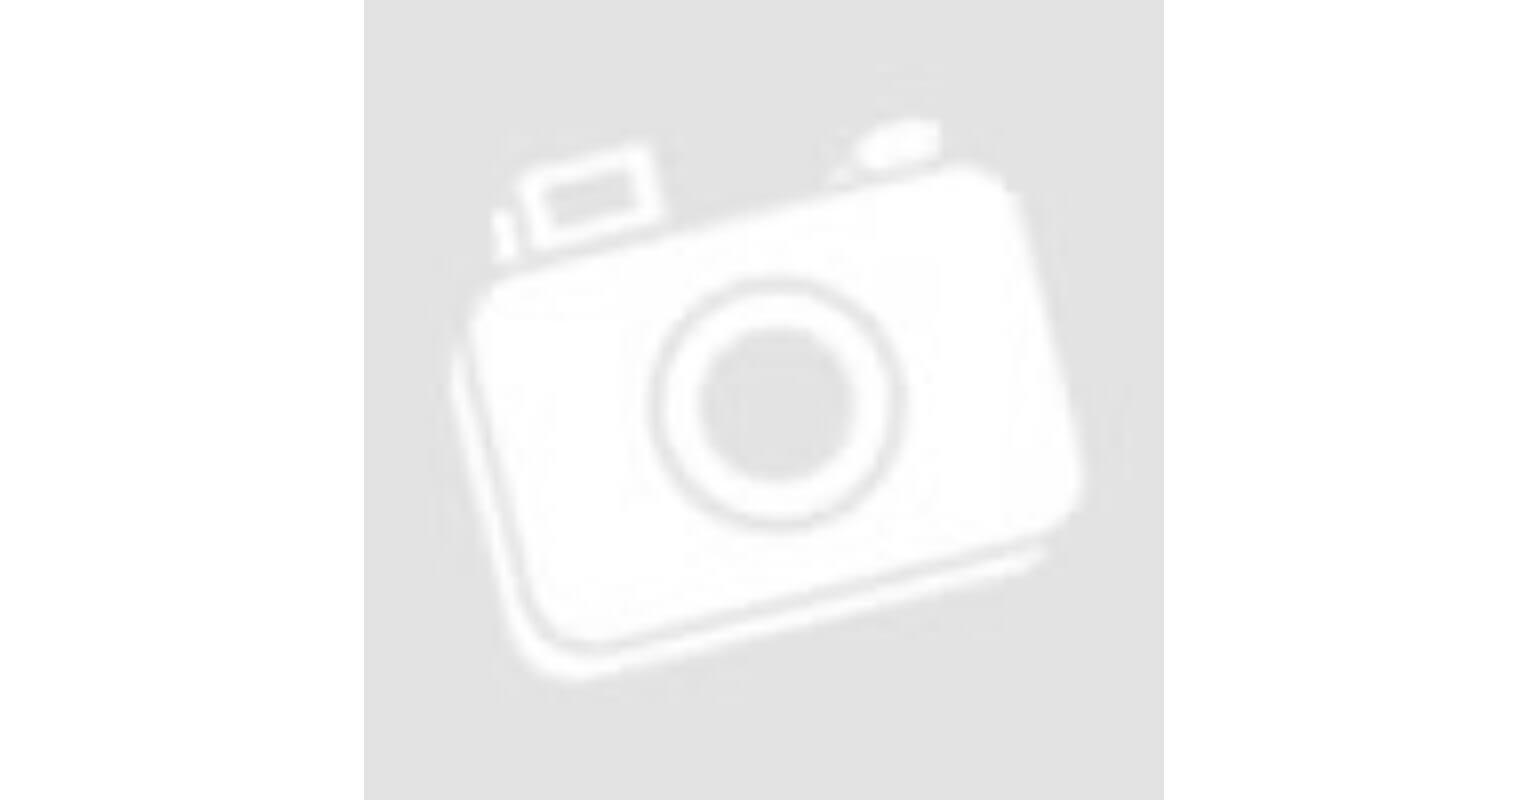 szép fekete hüvely képek ázsiai nagyi sex kép